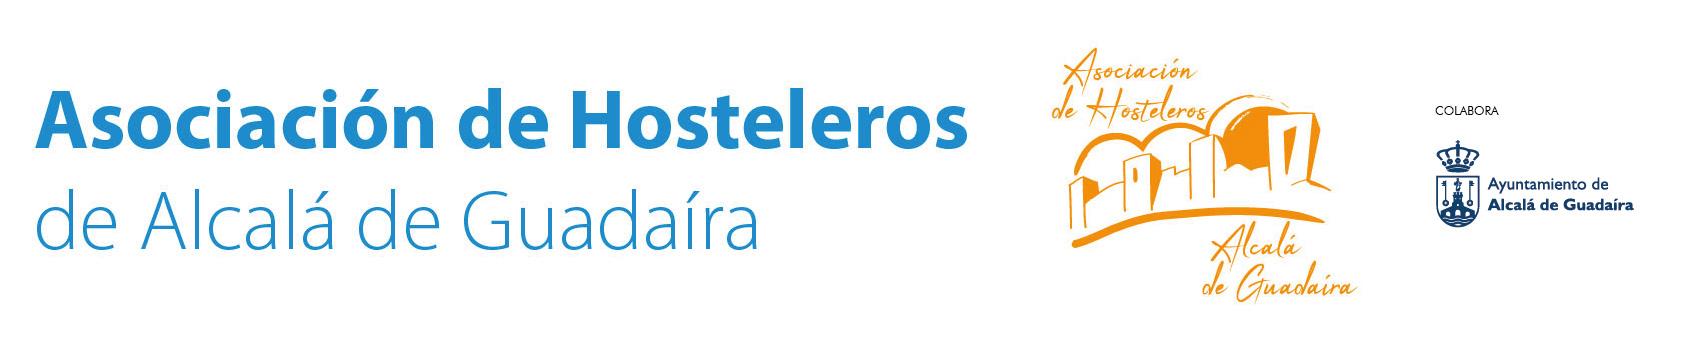 Asociación de hosteleros de Alcalá de Guadaíra